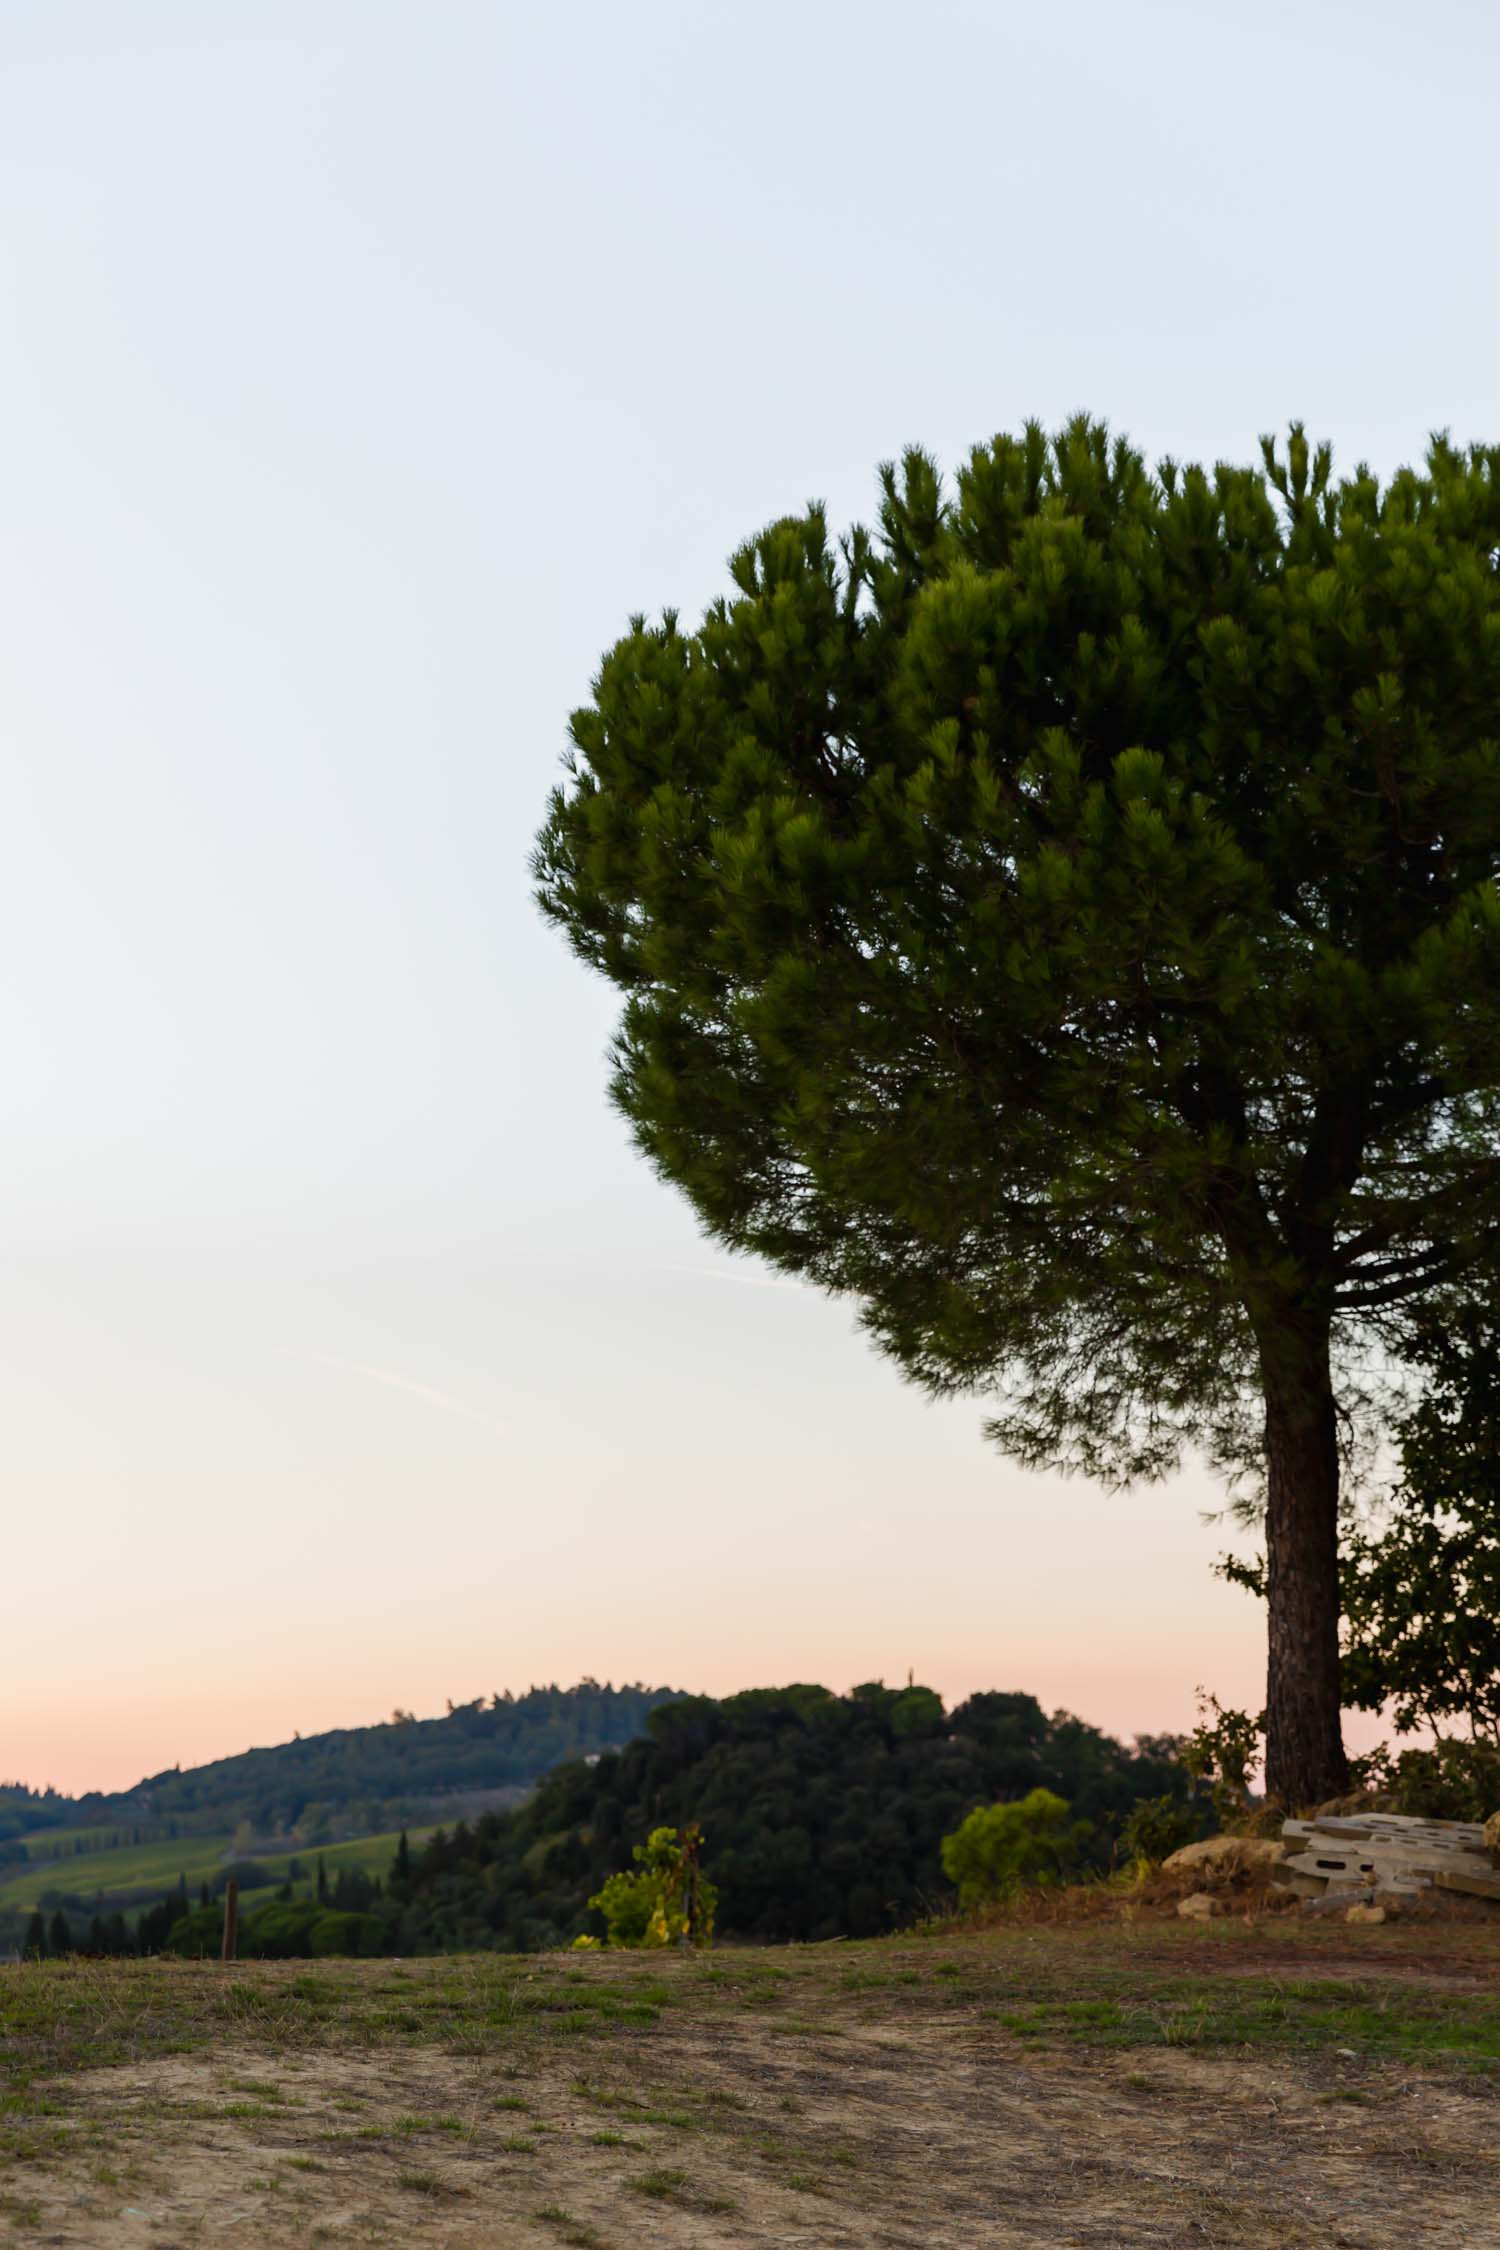 The pine tree at i pini, an organic vegan Italian farmhouse in Tuscany - where i pini got its name. #tuscany #travel #italy #italianfarmhouse #olivegroves #oliveoil #vineyards #italyinautumn #veganrestaurant #vegantravel #italytravel #veganitaly #vegantuscany #veganhotel #ecotourism #organichotel #veganhotel #veganretreat #veganbedandbreakfast #sangimignano